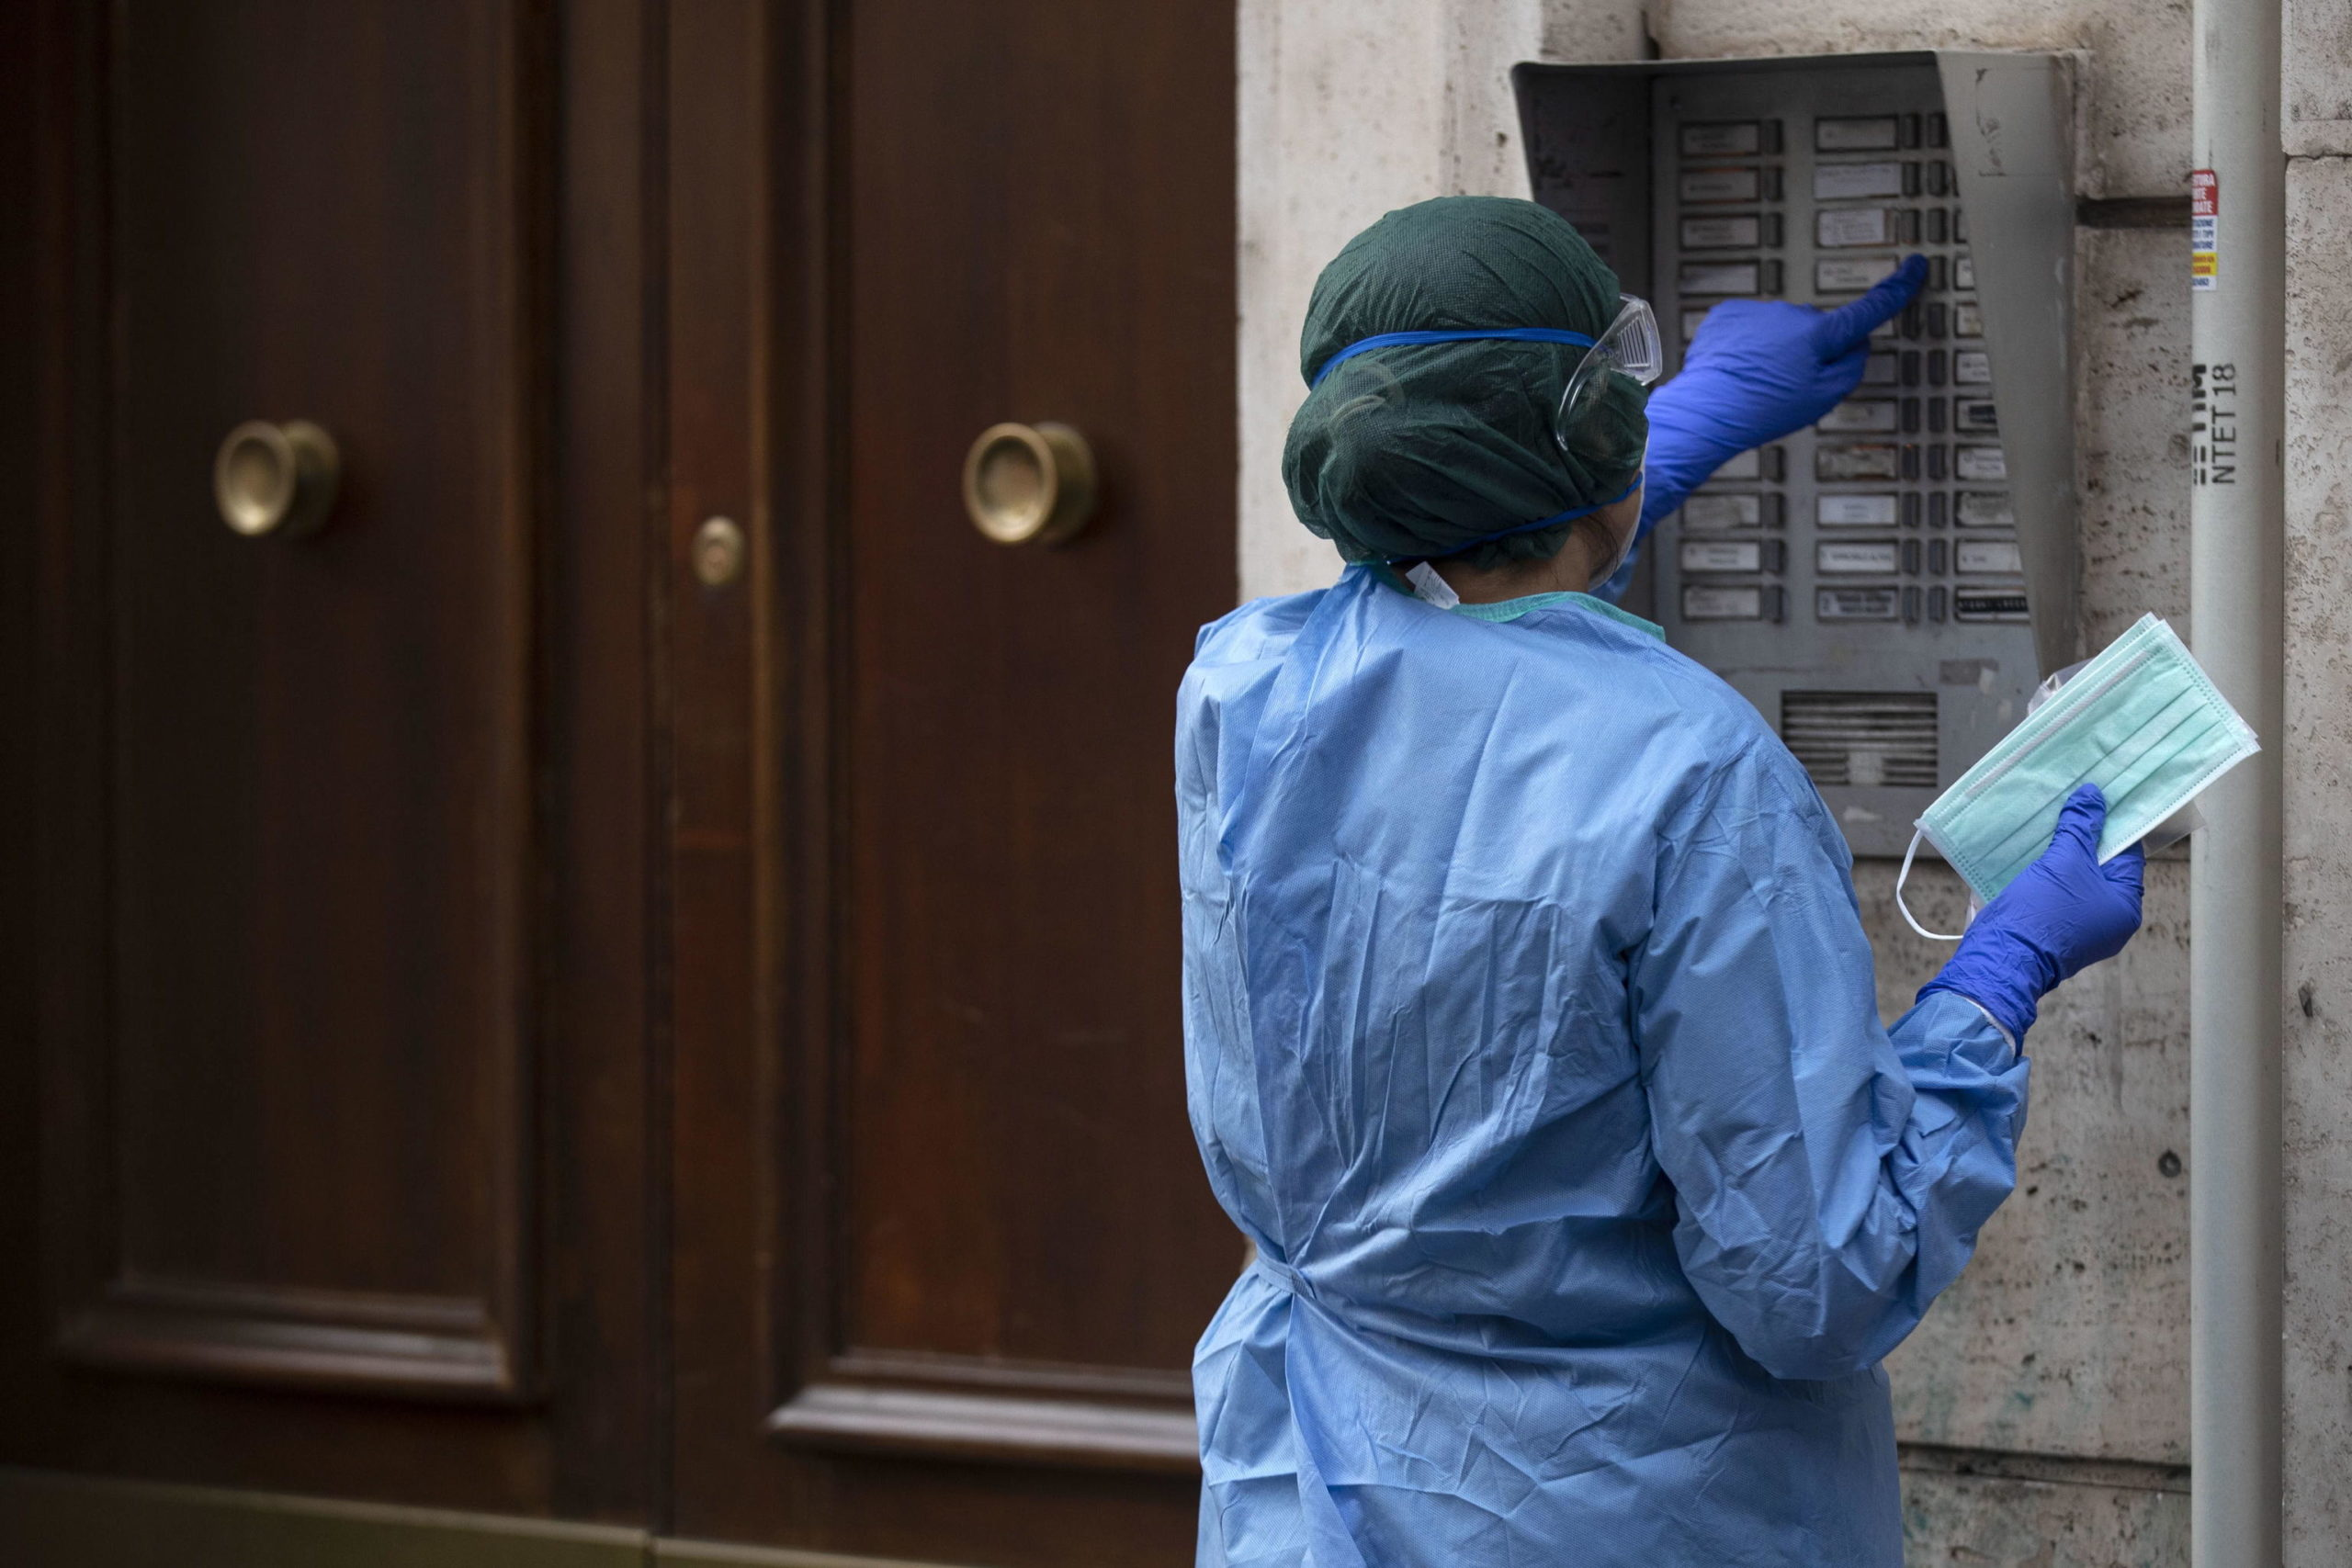 A Roma gli operatori sanitari fanno test e tamponi sulla popolazione